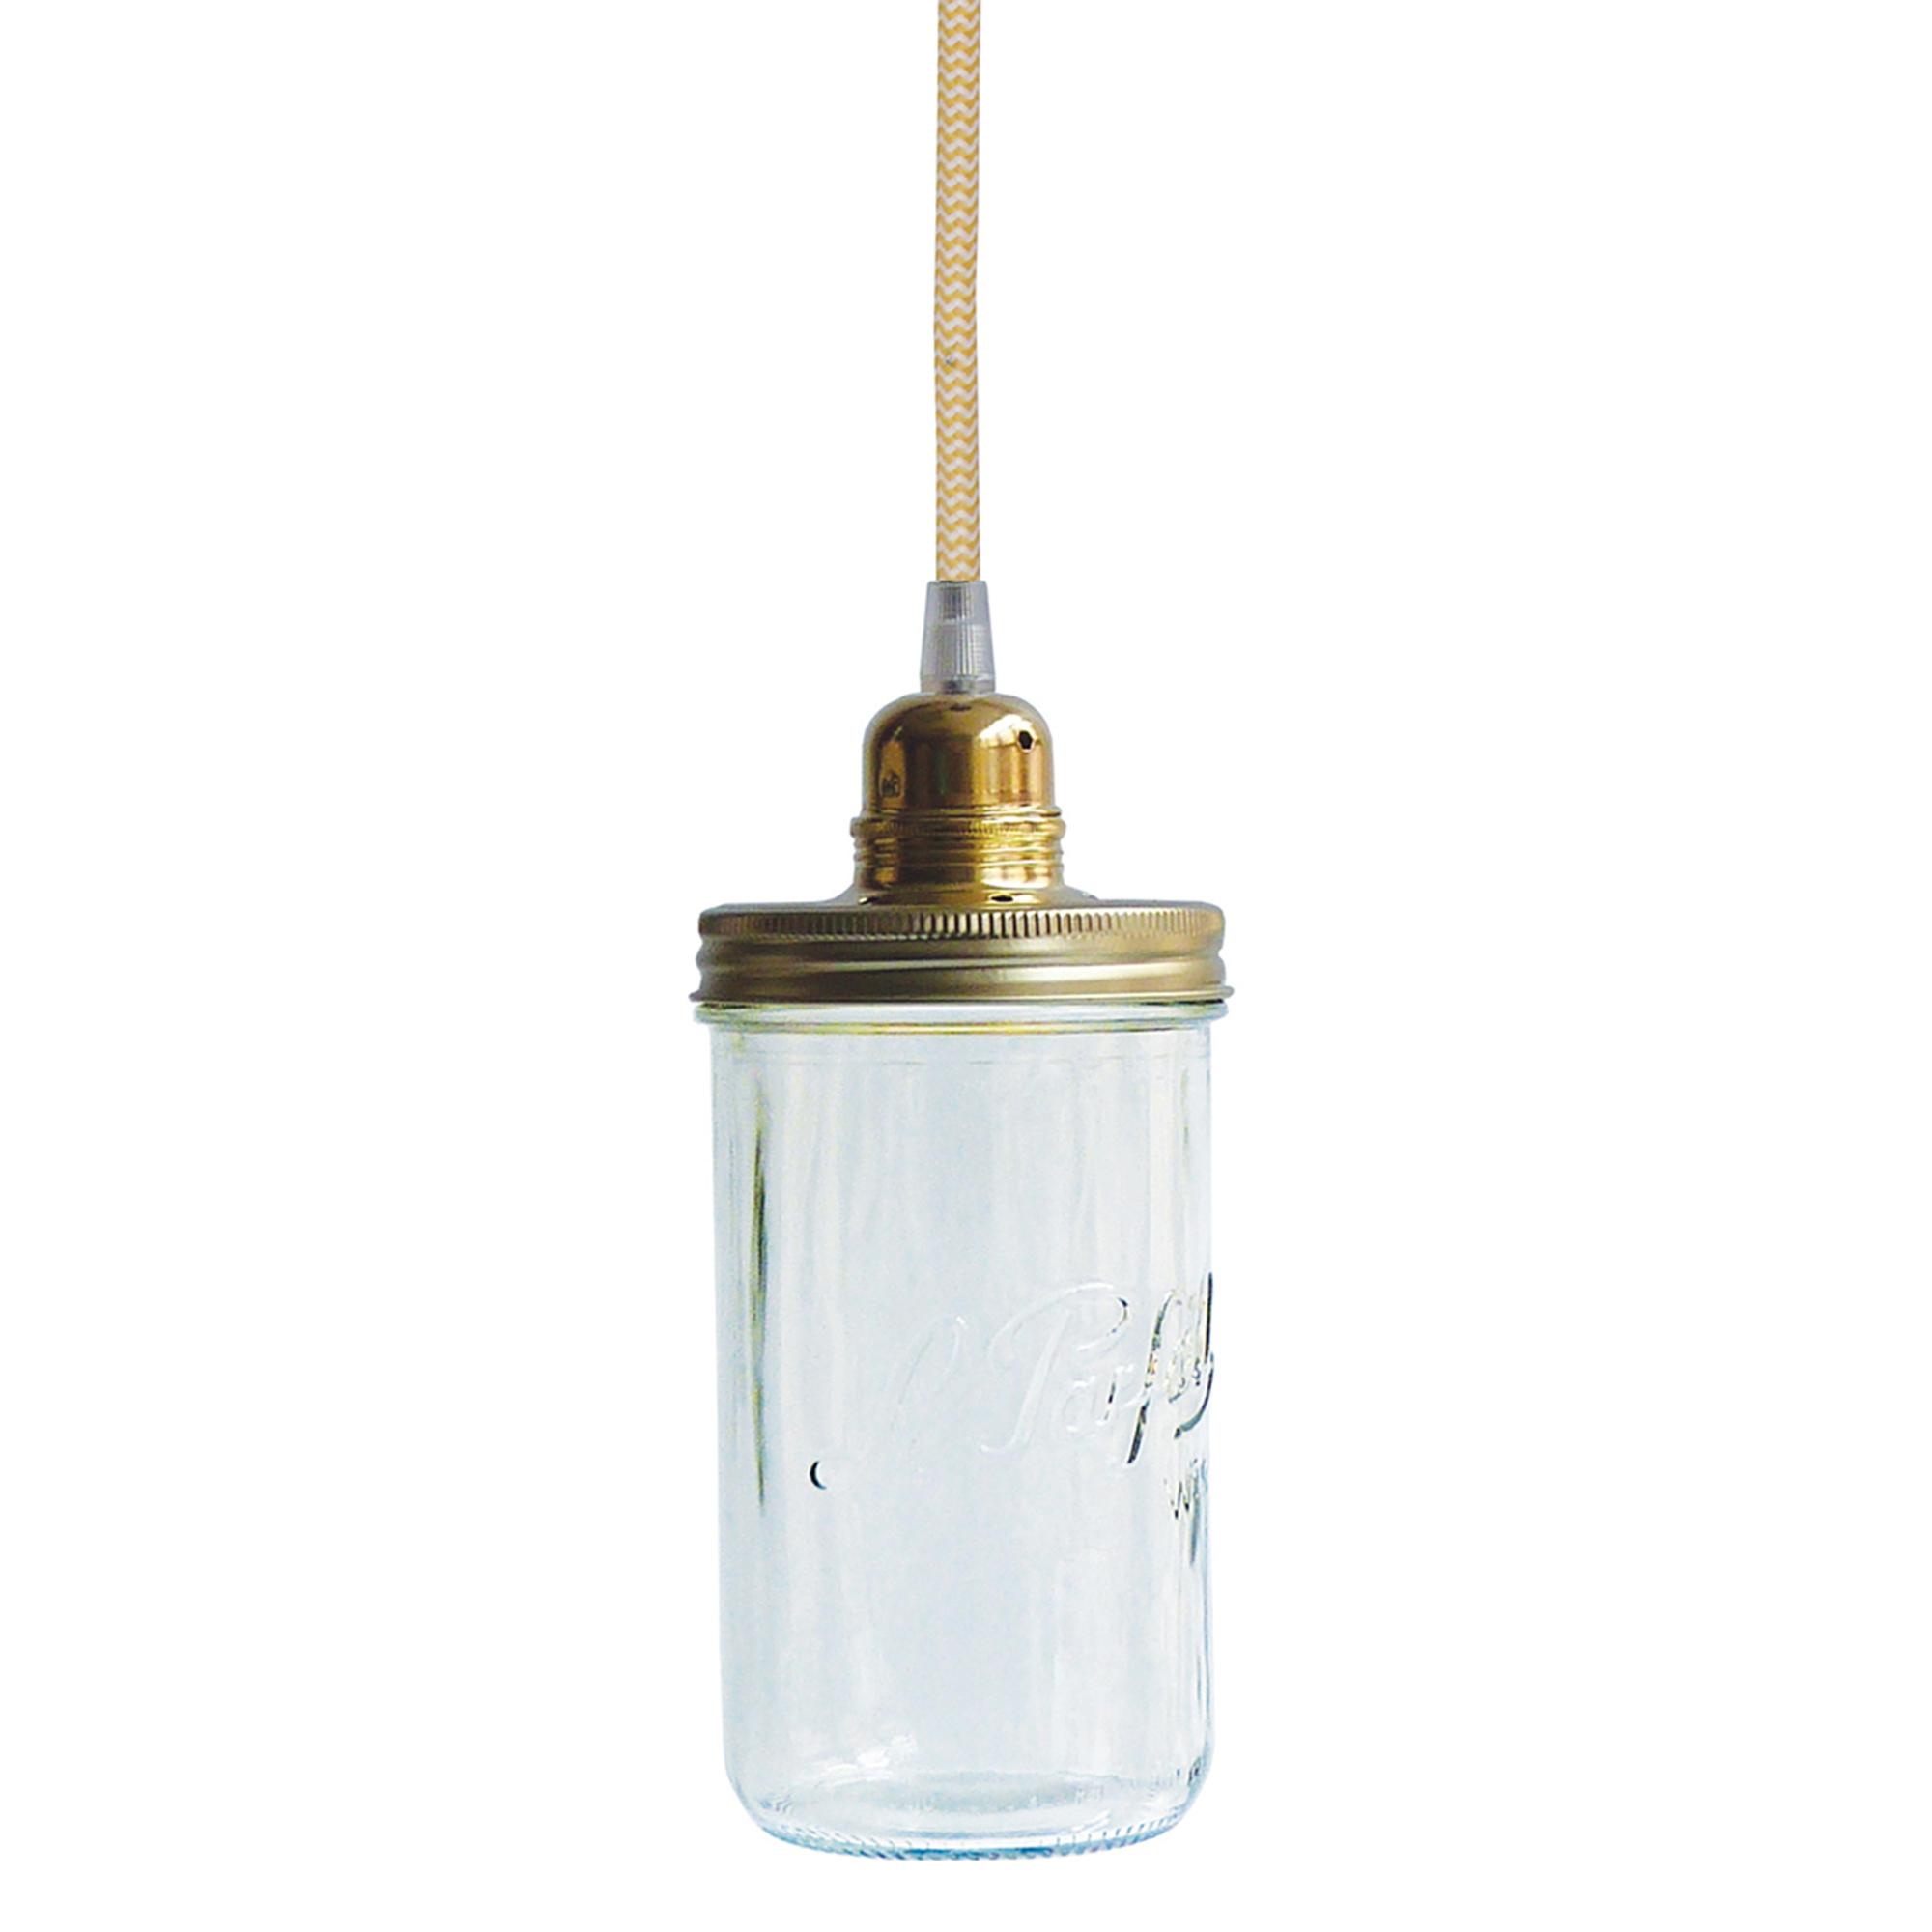 Dékolustre - Lustre bocal 1 tête fil jaune